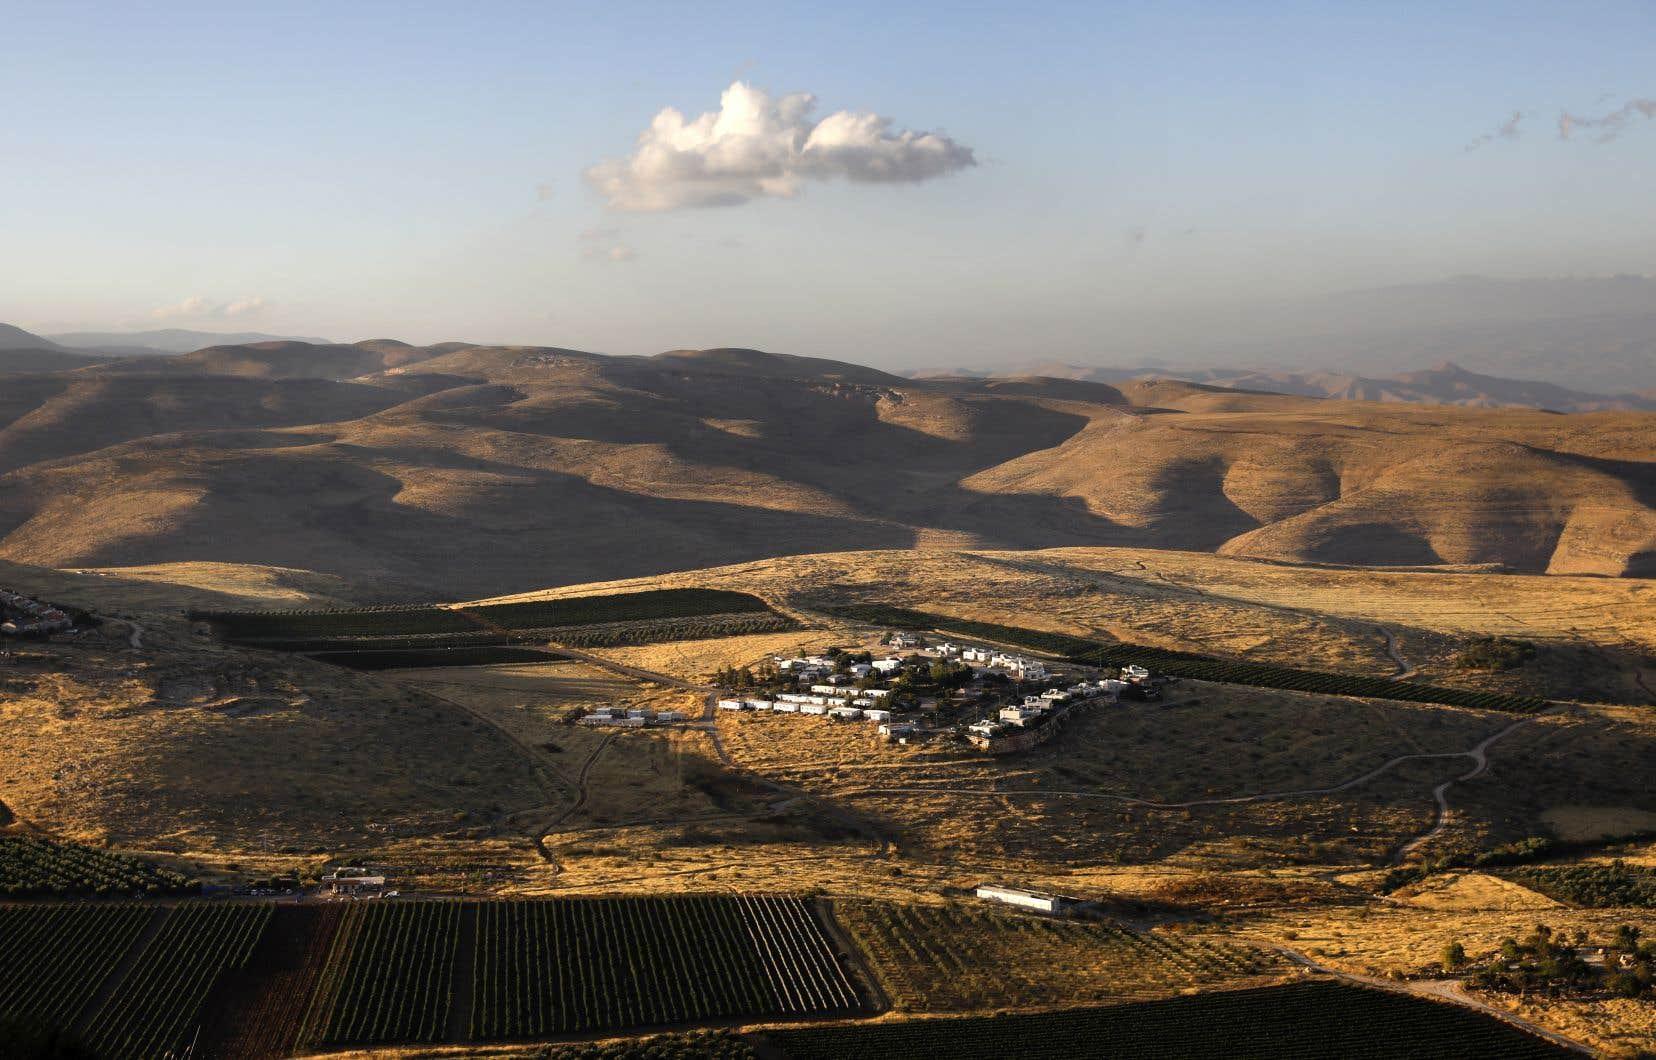 Toute annexion, sans pourparlers de paix au préalable, serait une «déclaration de guerre», a soutenu récemment le Hamas.